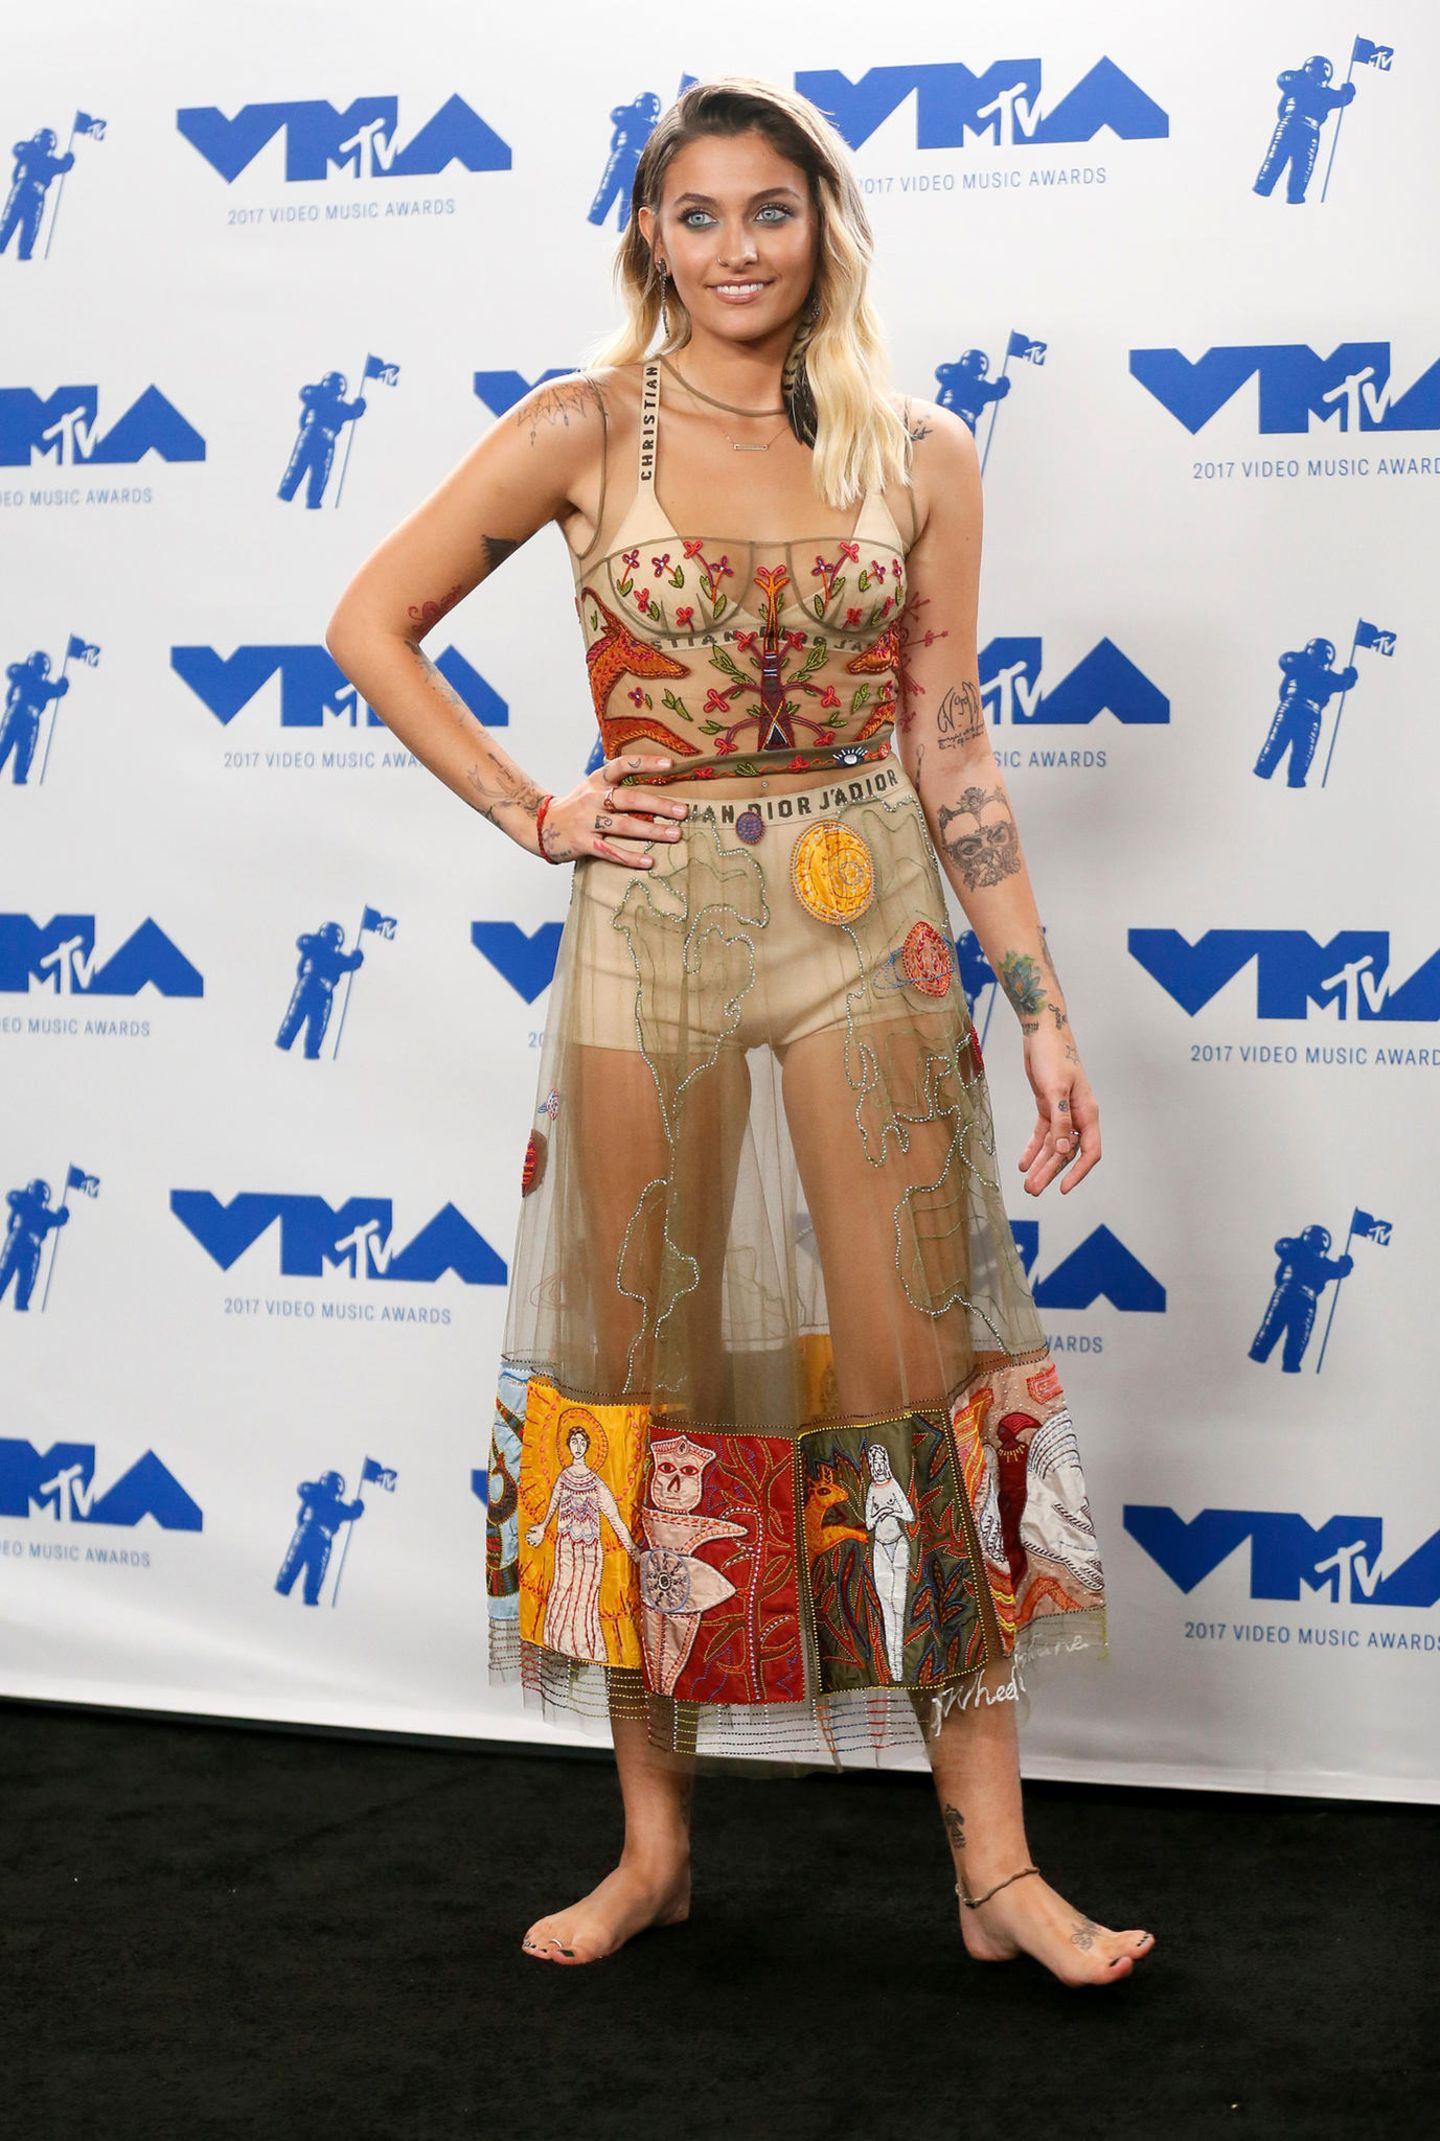 Barfuß in Dior: Der sehr transparente Hippie-Look wird von Paris Jackson selbstverständlich ohne Schuhe getragen. Soll ja authentisch wirken.